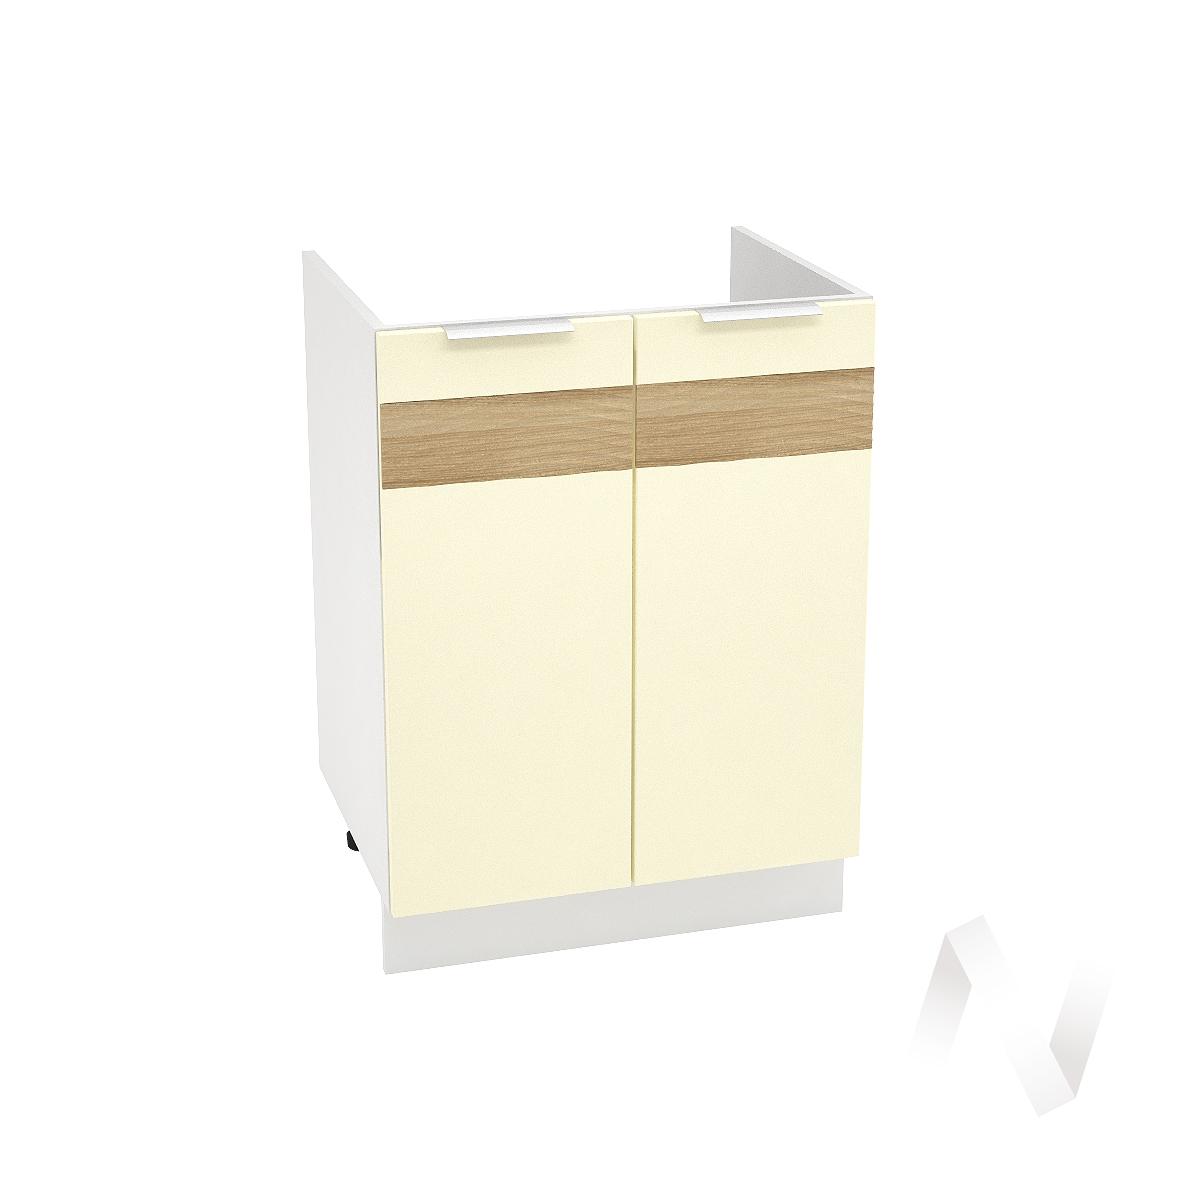 """Кухня """"Терра"""": Шкаф нижний под мойку 600, ШНМ 600 (ваниль софт/корпус белый)"""